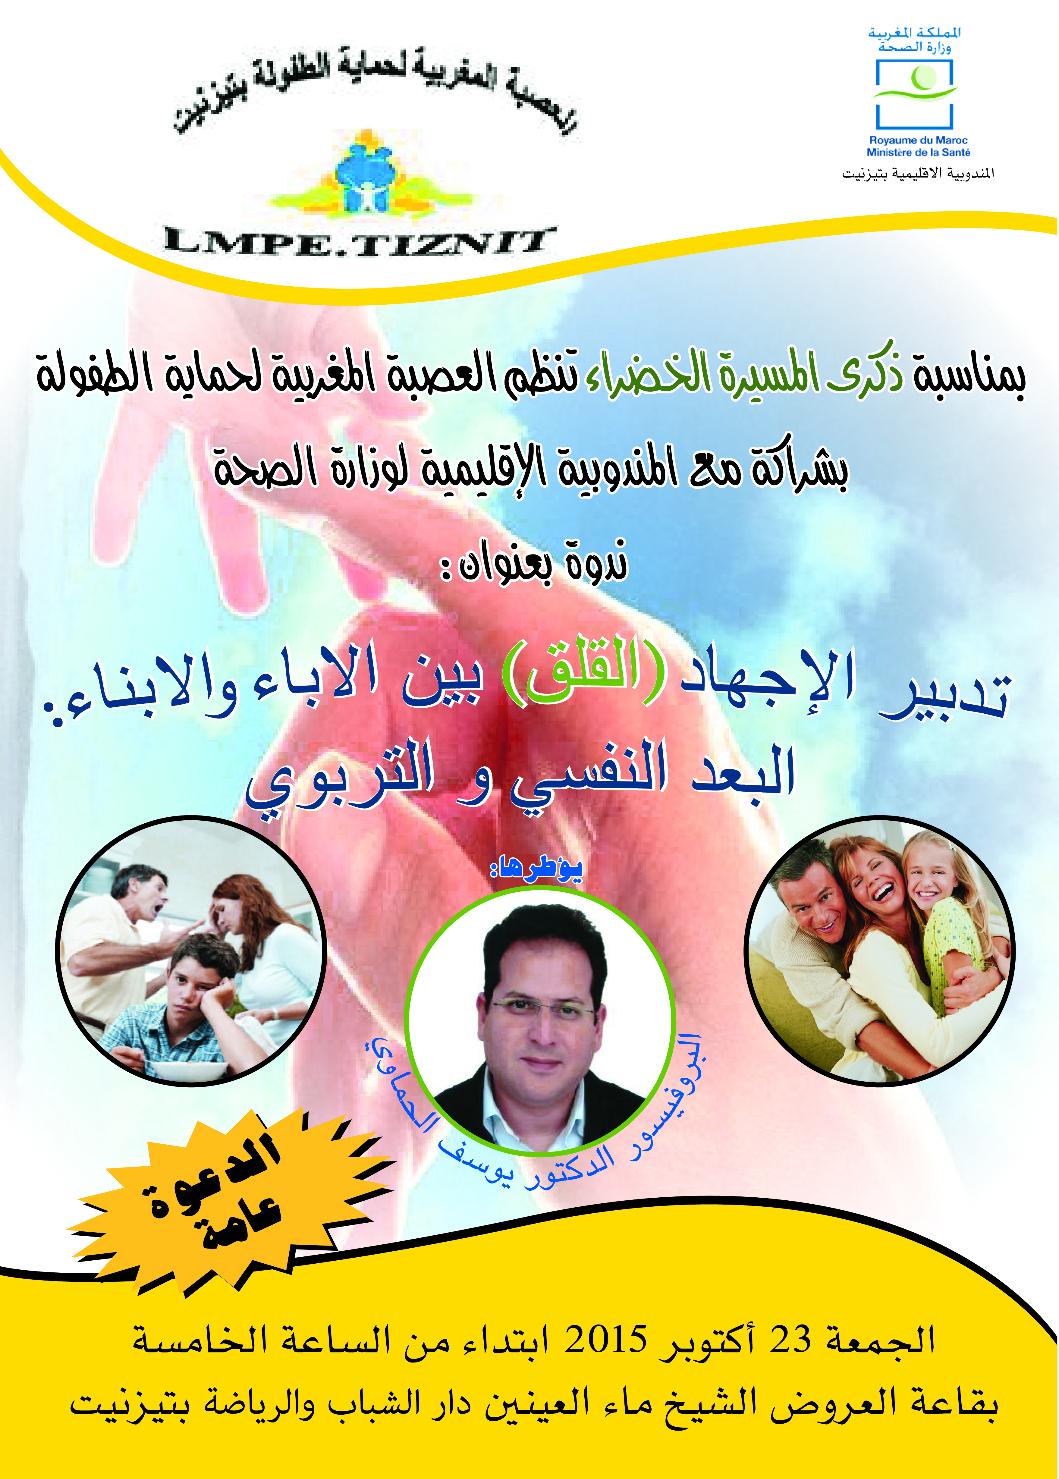 تيزنيت : العصبة المغربية لحماية الطفولة تنظم ندوة حول تدبير القلق بين الآباء والأبناء